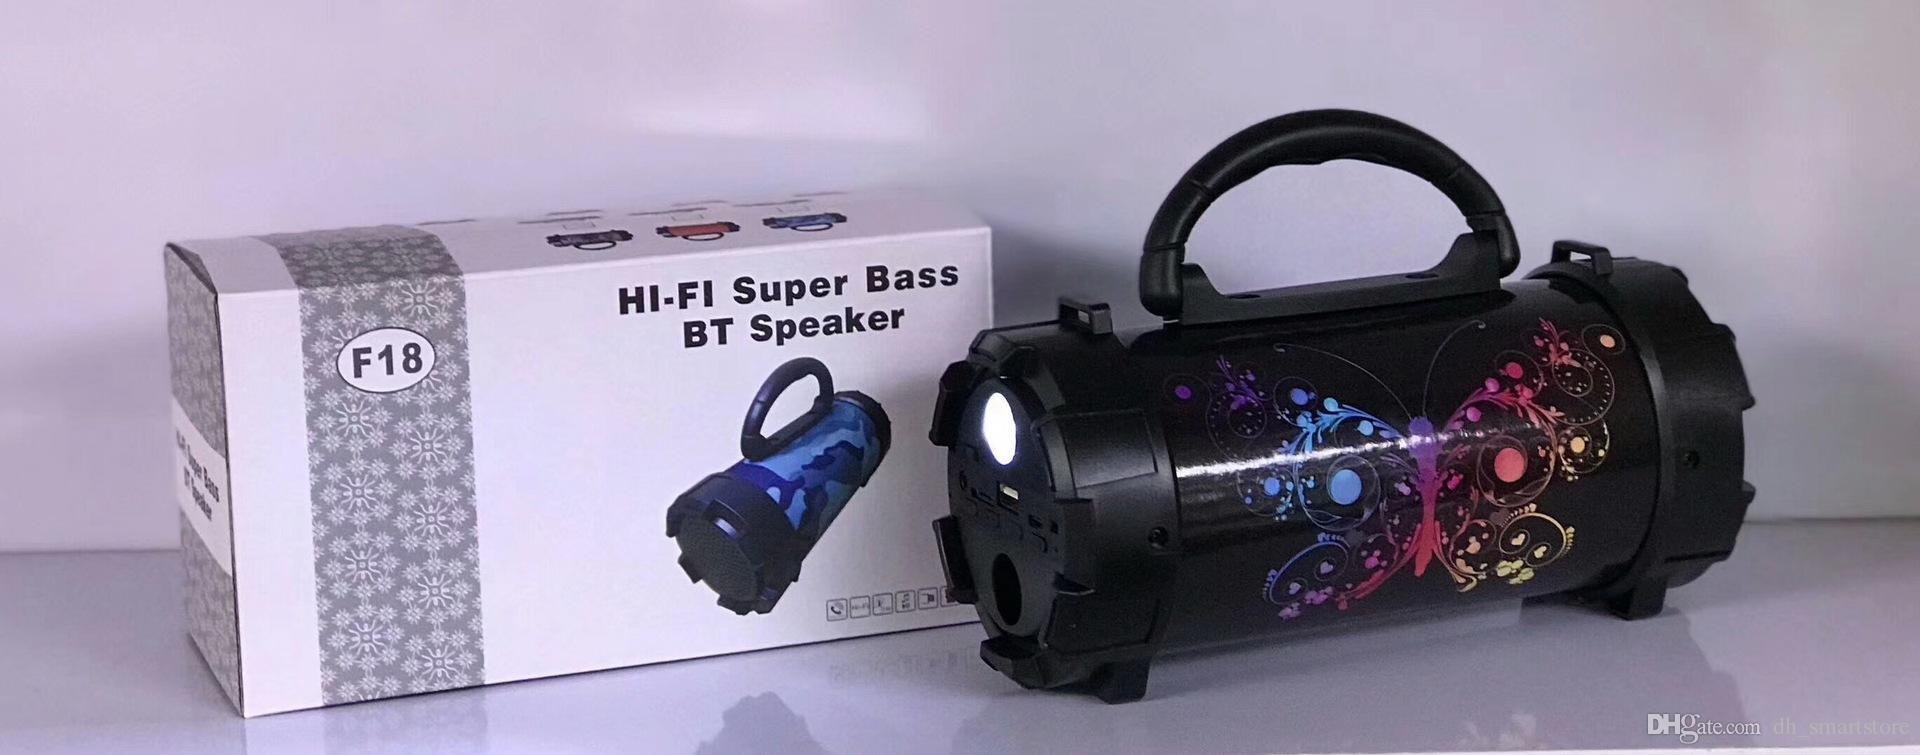 F18 TF Drahtlose Bluetooth Lautsprecher Outdoor Subwoofer Wasserdichte Lautsprecher Stereo HIFI Super Bass Tragbare Musik MP3 Player Unterstützung USB 1200 MAH